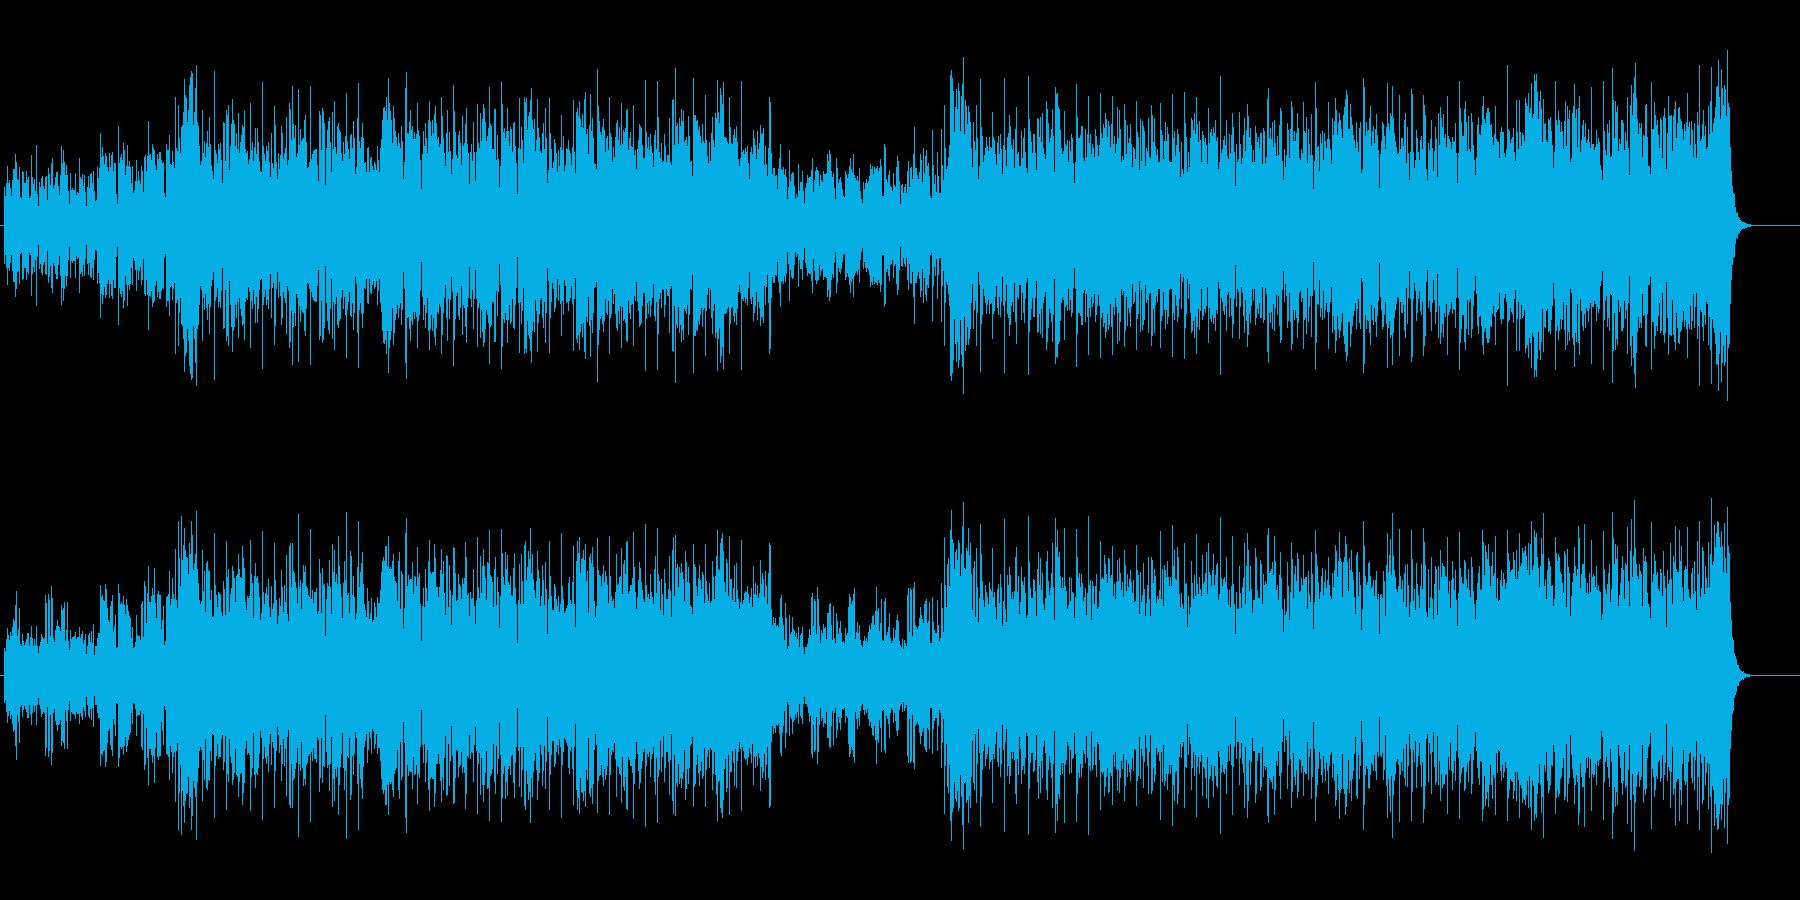 原始的で力強いファンキー・フュージョンの再生済みの波形